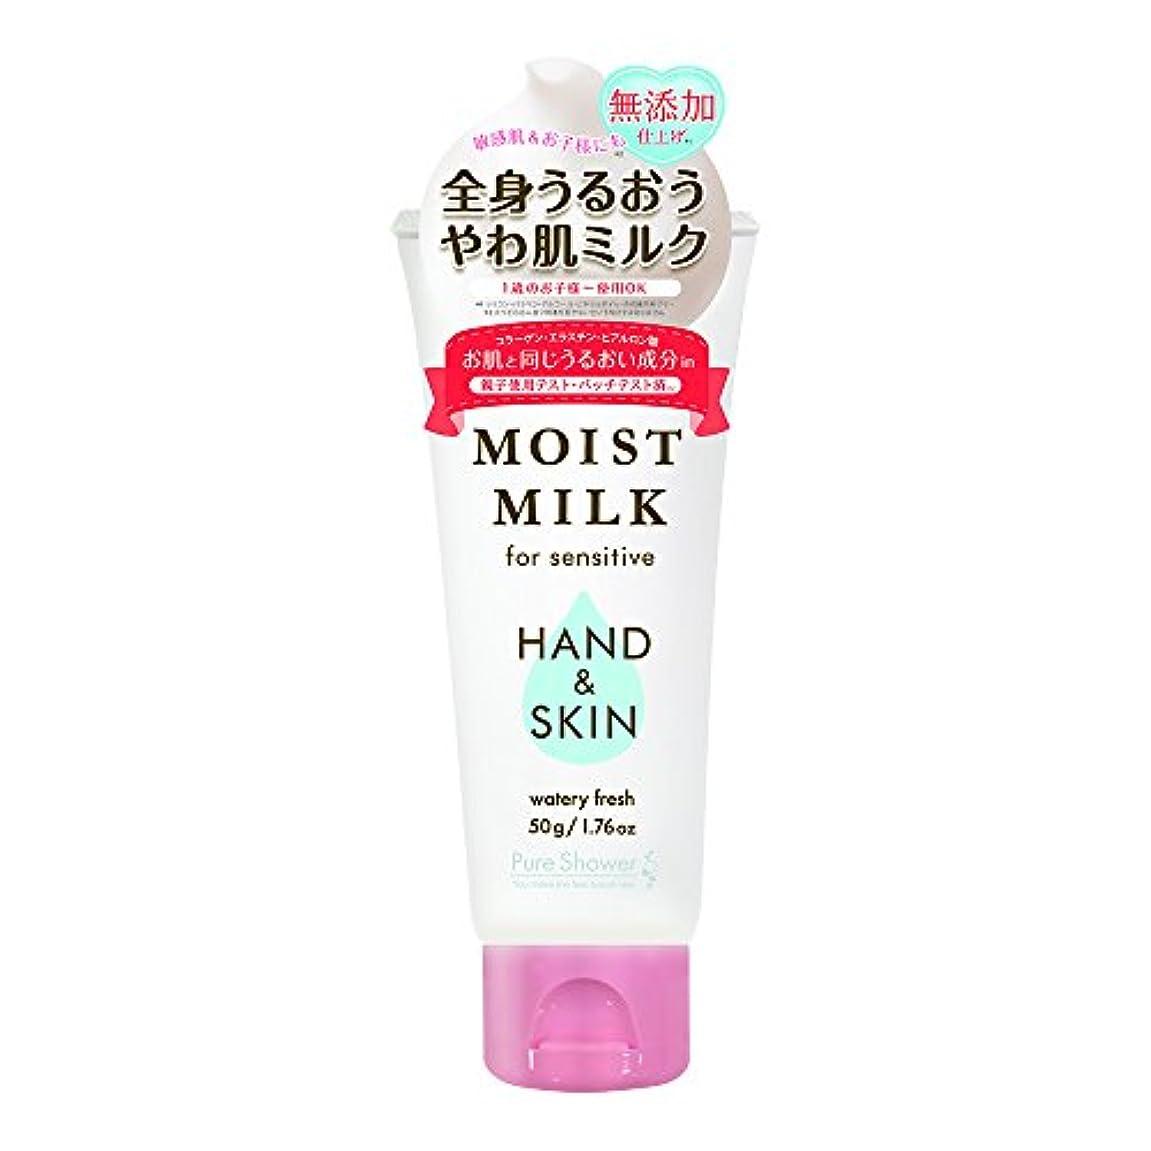 薬理学弁護人確実Pure Shower(ピュアシャワー) ハンド&スキンミルク 50g(ミニサイズ)